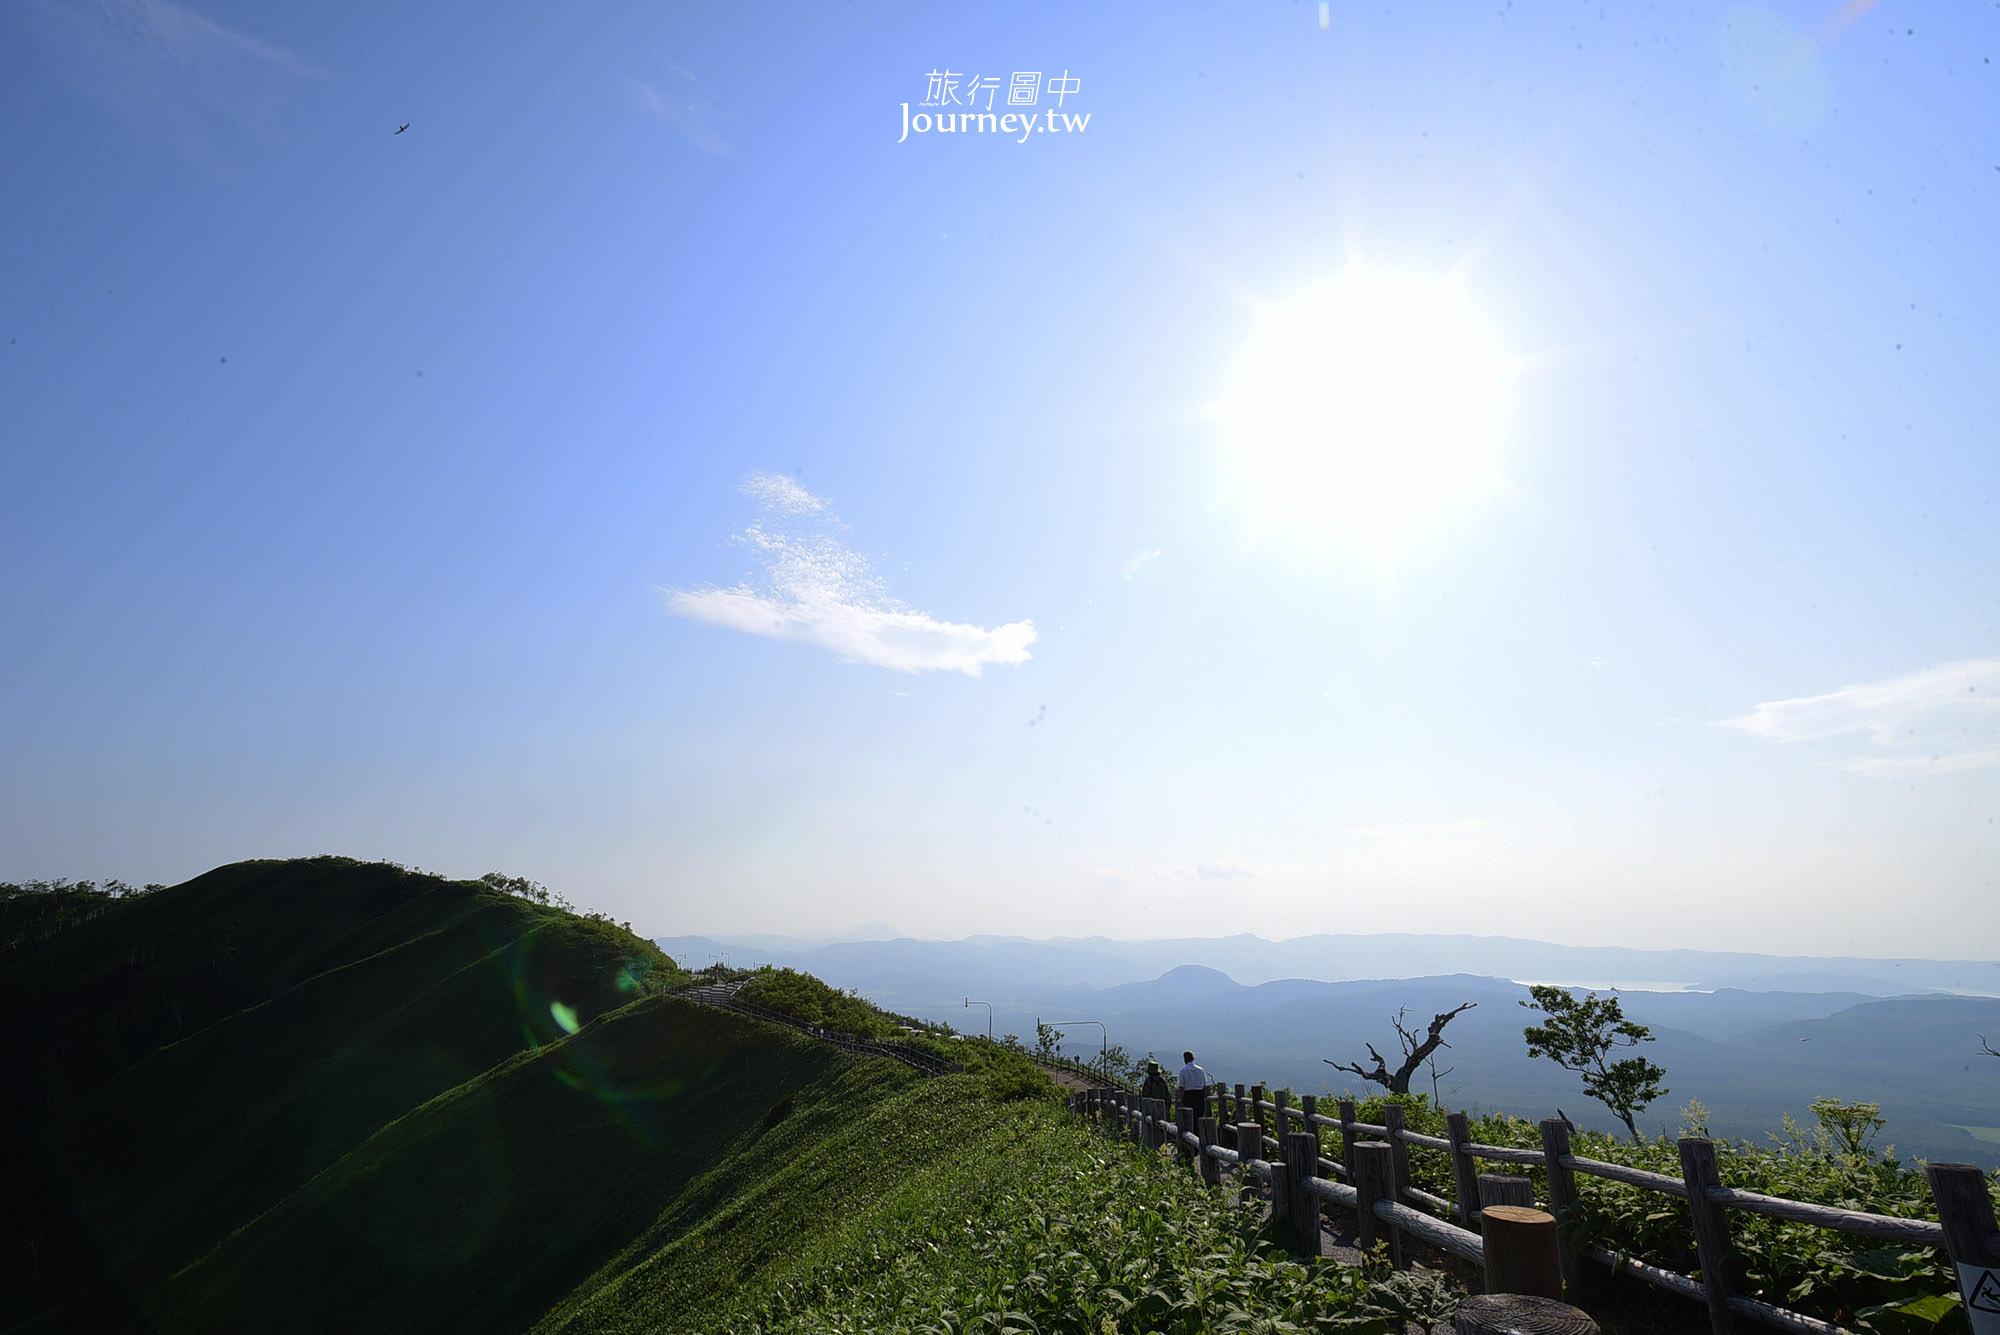 北海道景點,北海道旅遊,阿寒國家公園,摩周湖,道東三湖,北海道自由行